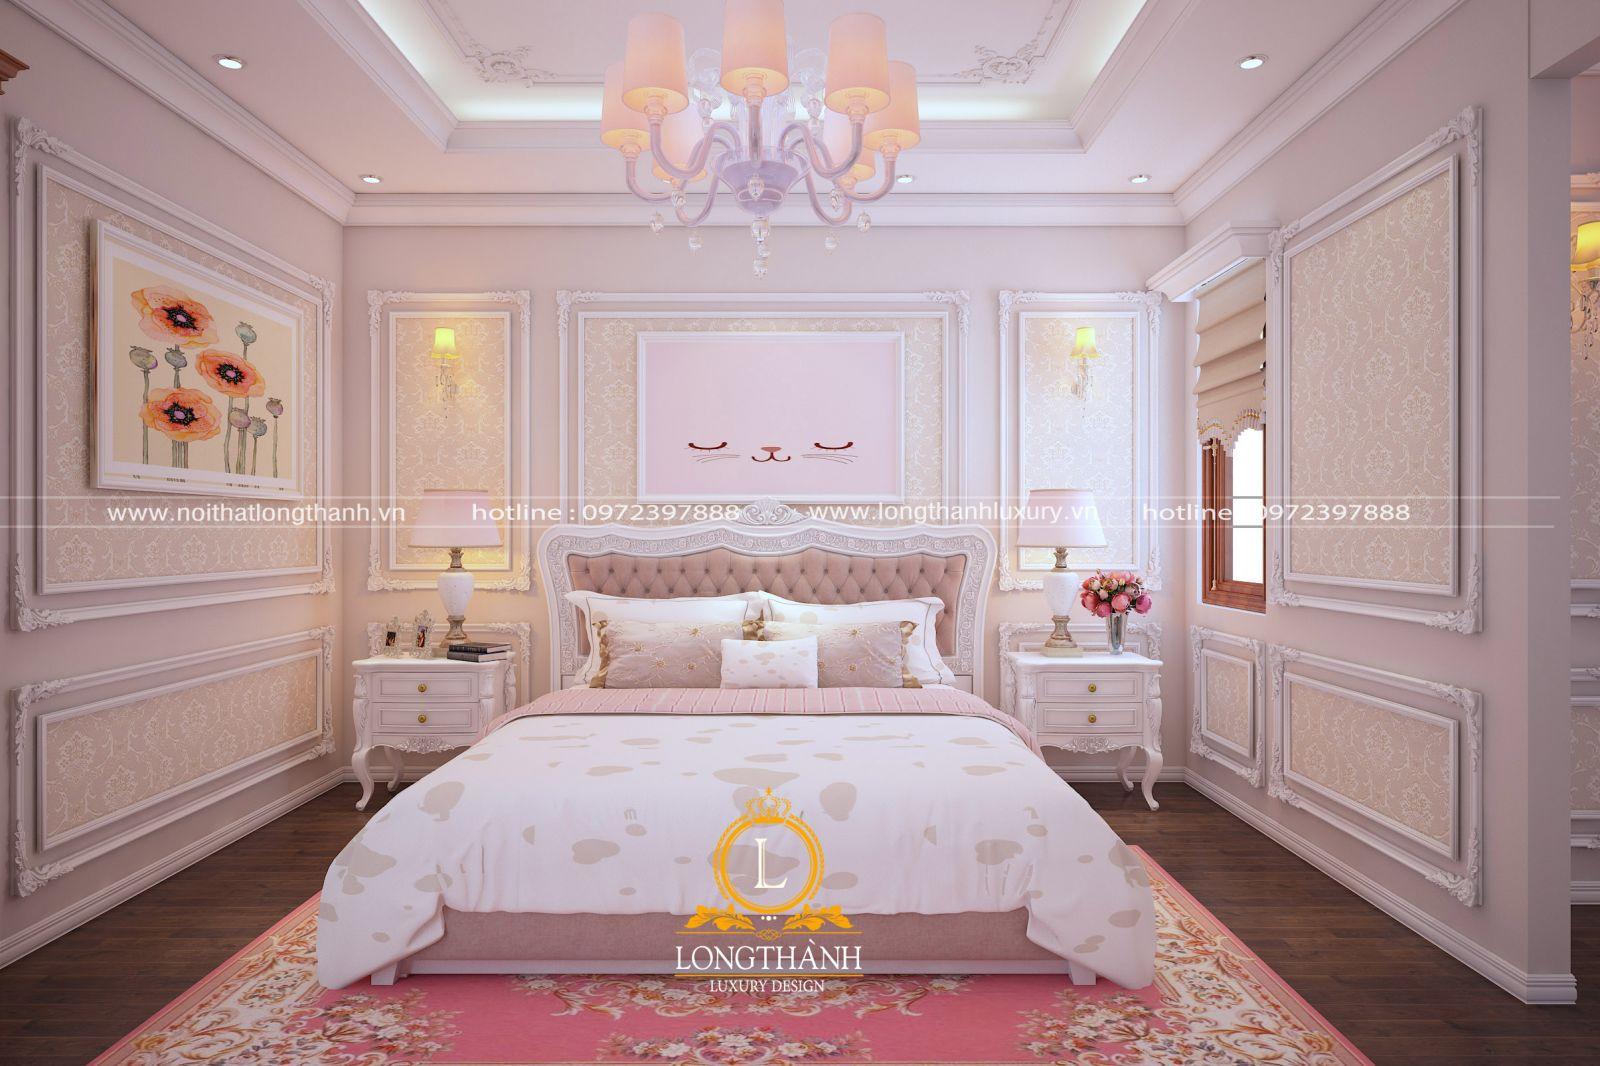 Phòng ngủ tân cổ điển thơ mộng dành cho bé gái